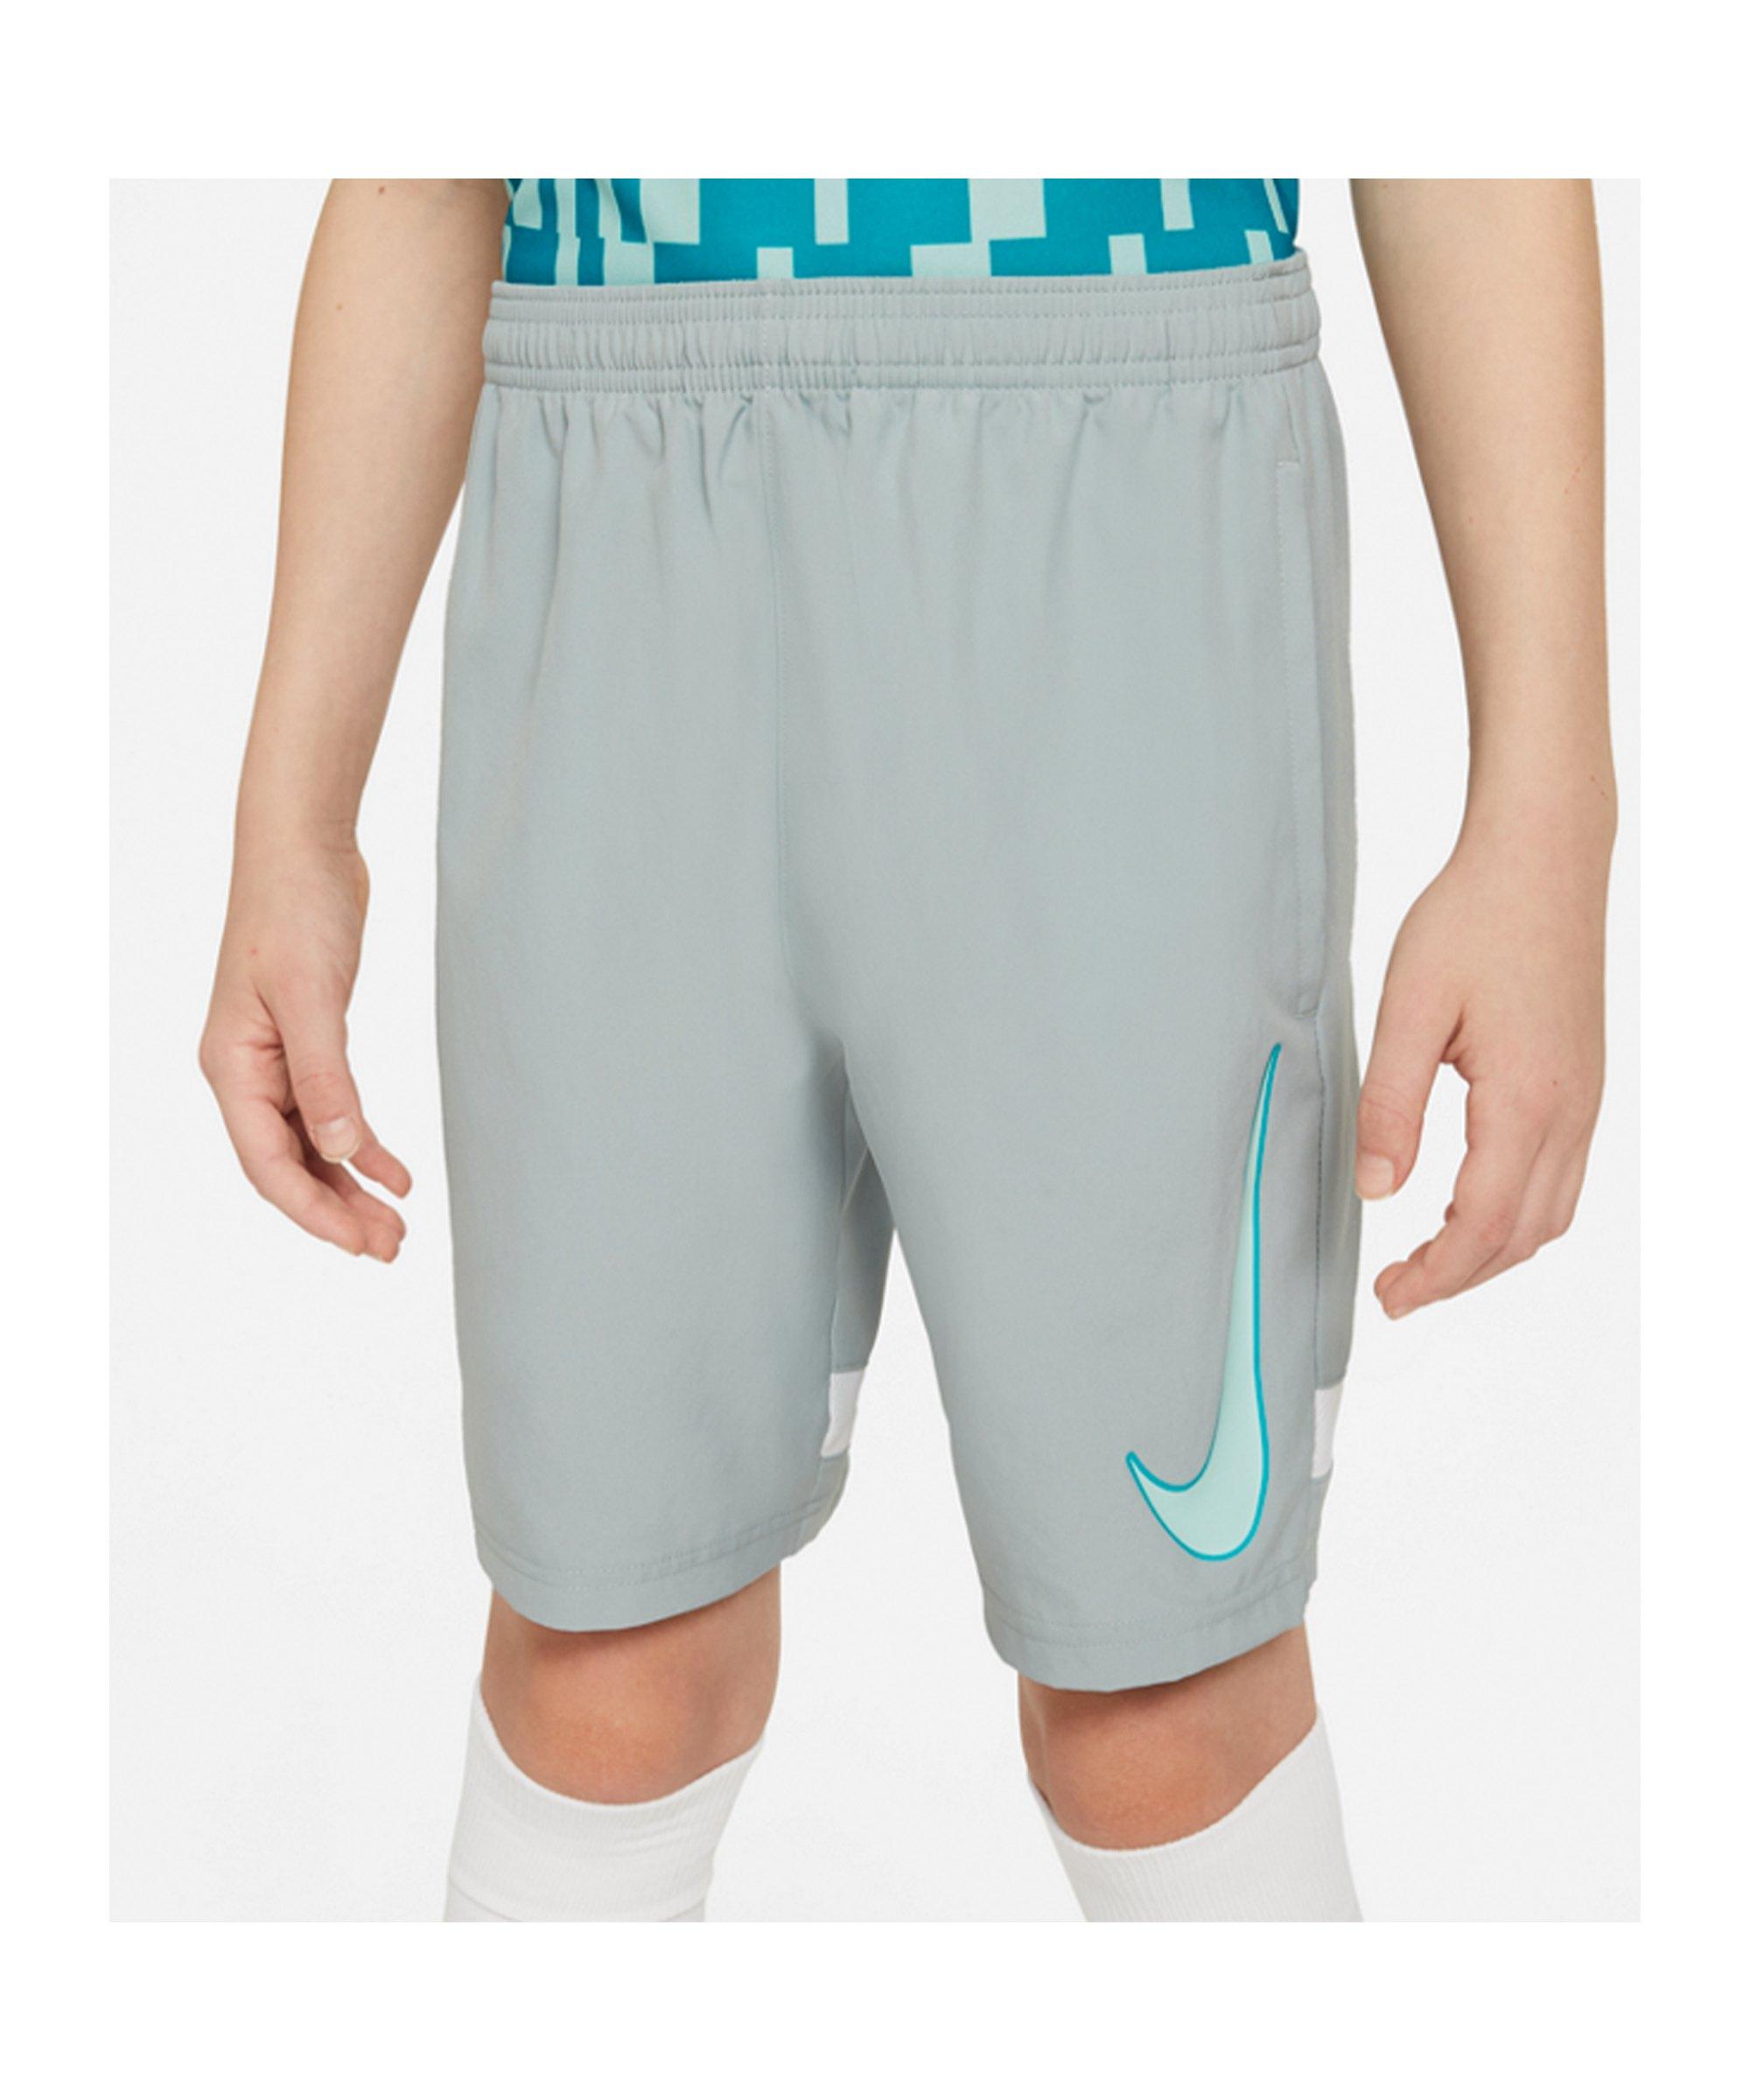 Nike Dri-FIT Academy Short Joga Bonito Kids F019 - grau